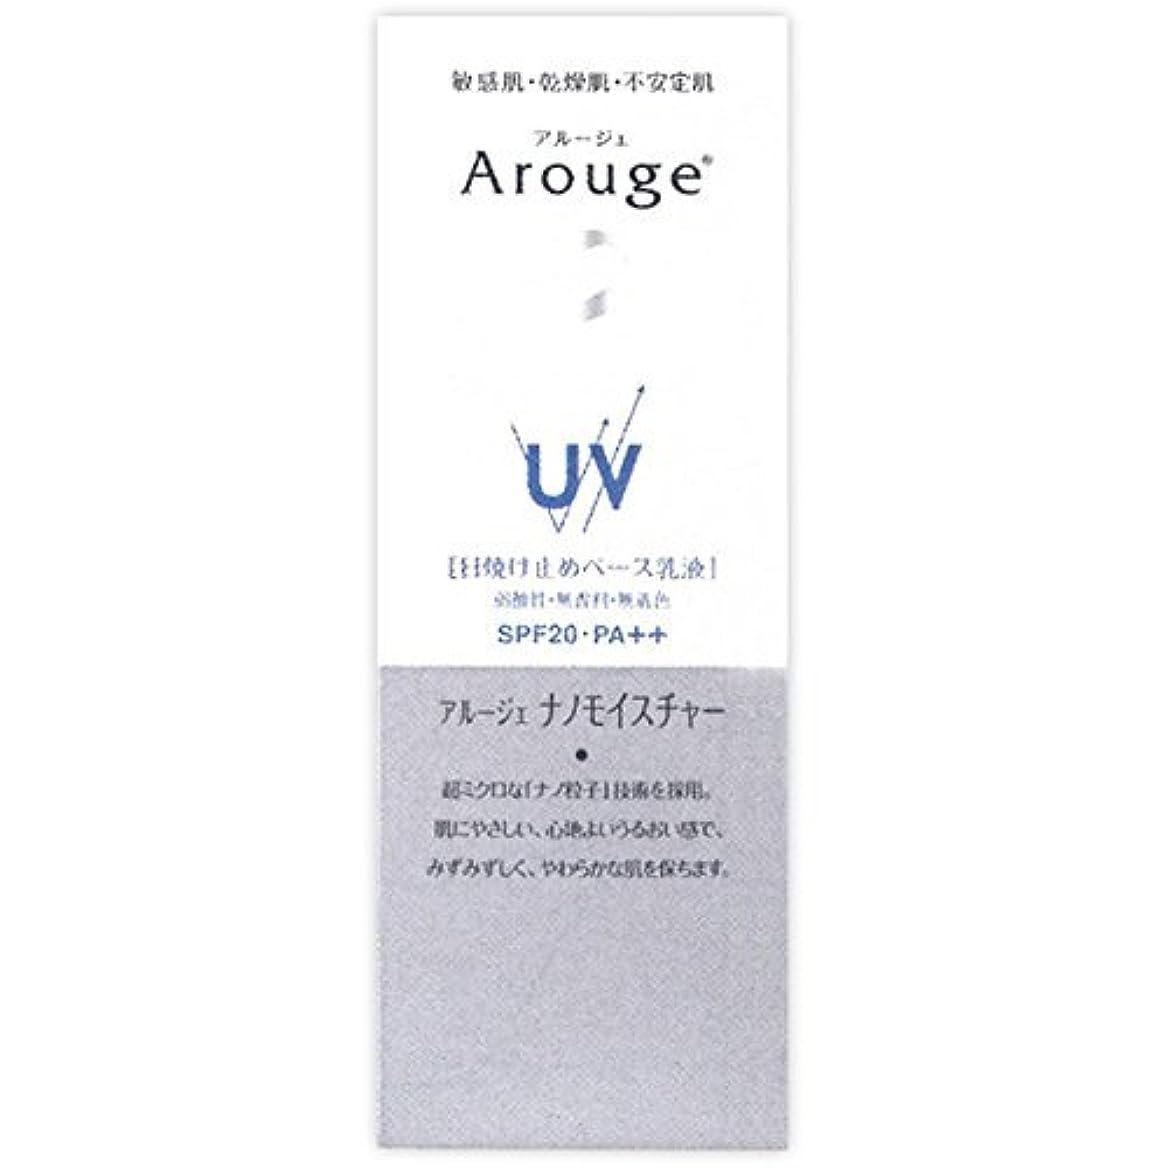 下にスカルク宝アルージェ UV モイストビューティーアップ日焼け止めベース乳液25g (SPF20?PA++)